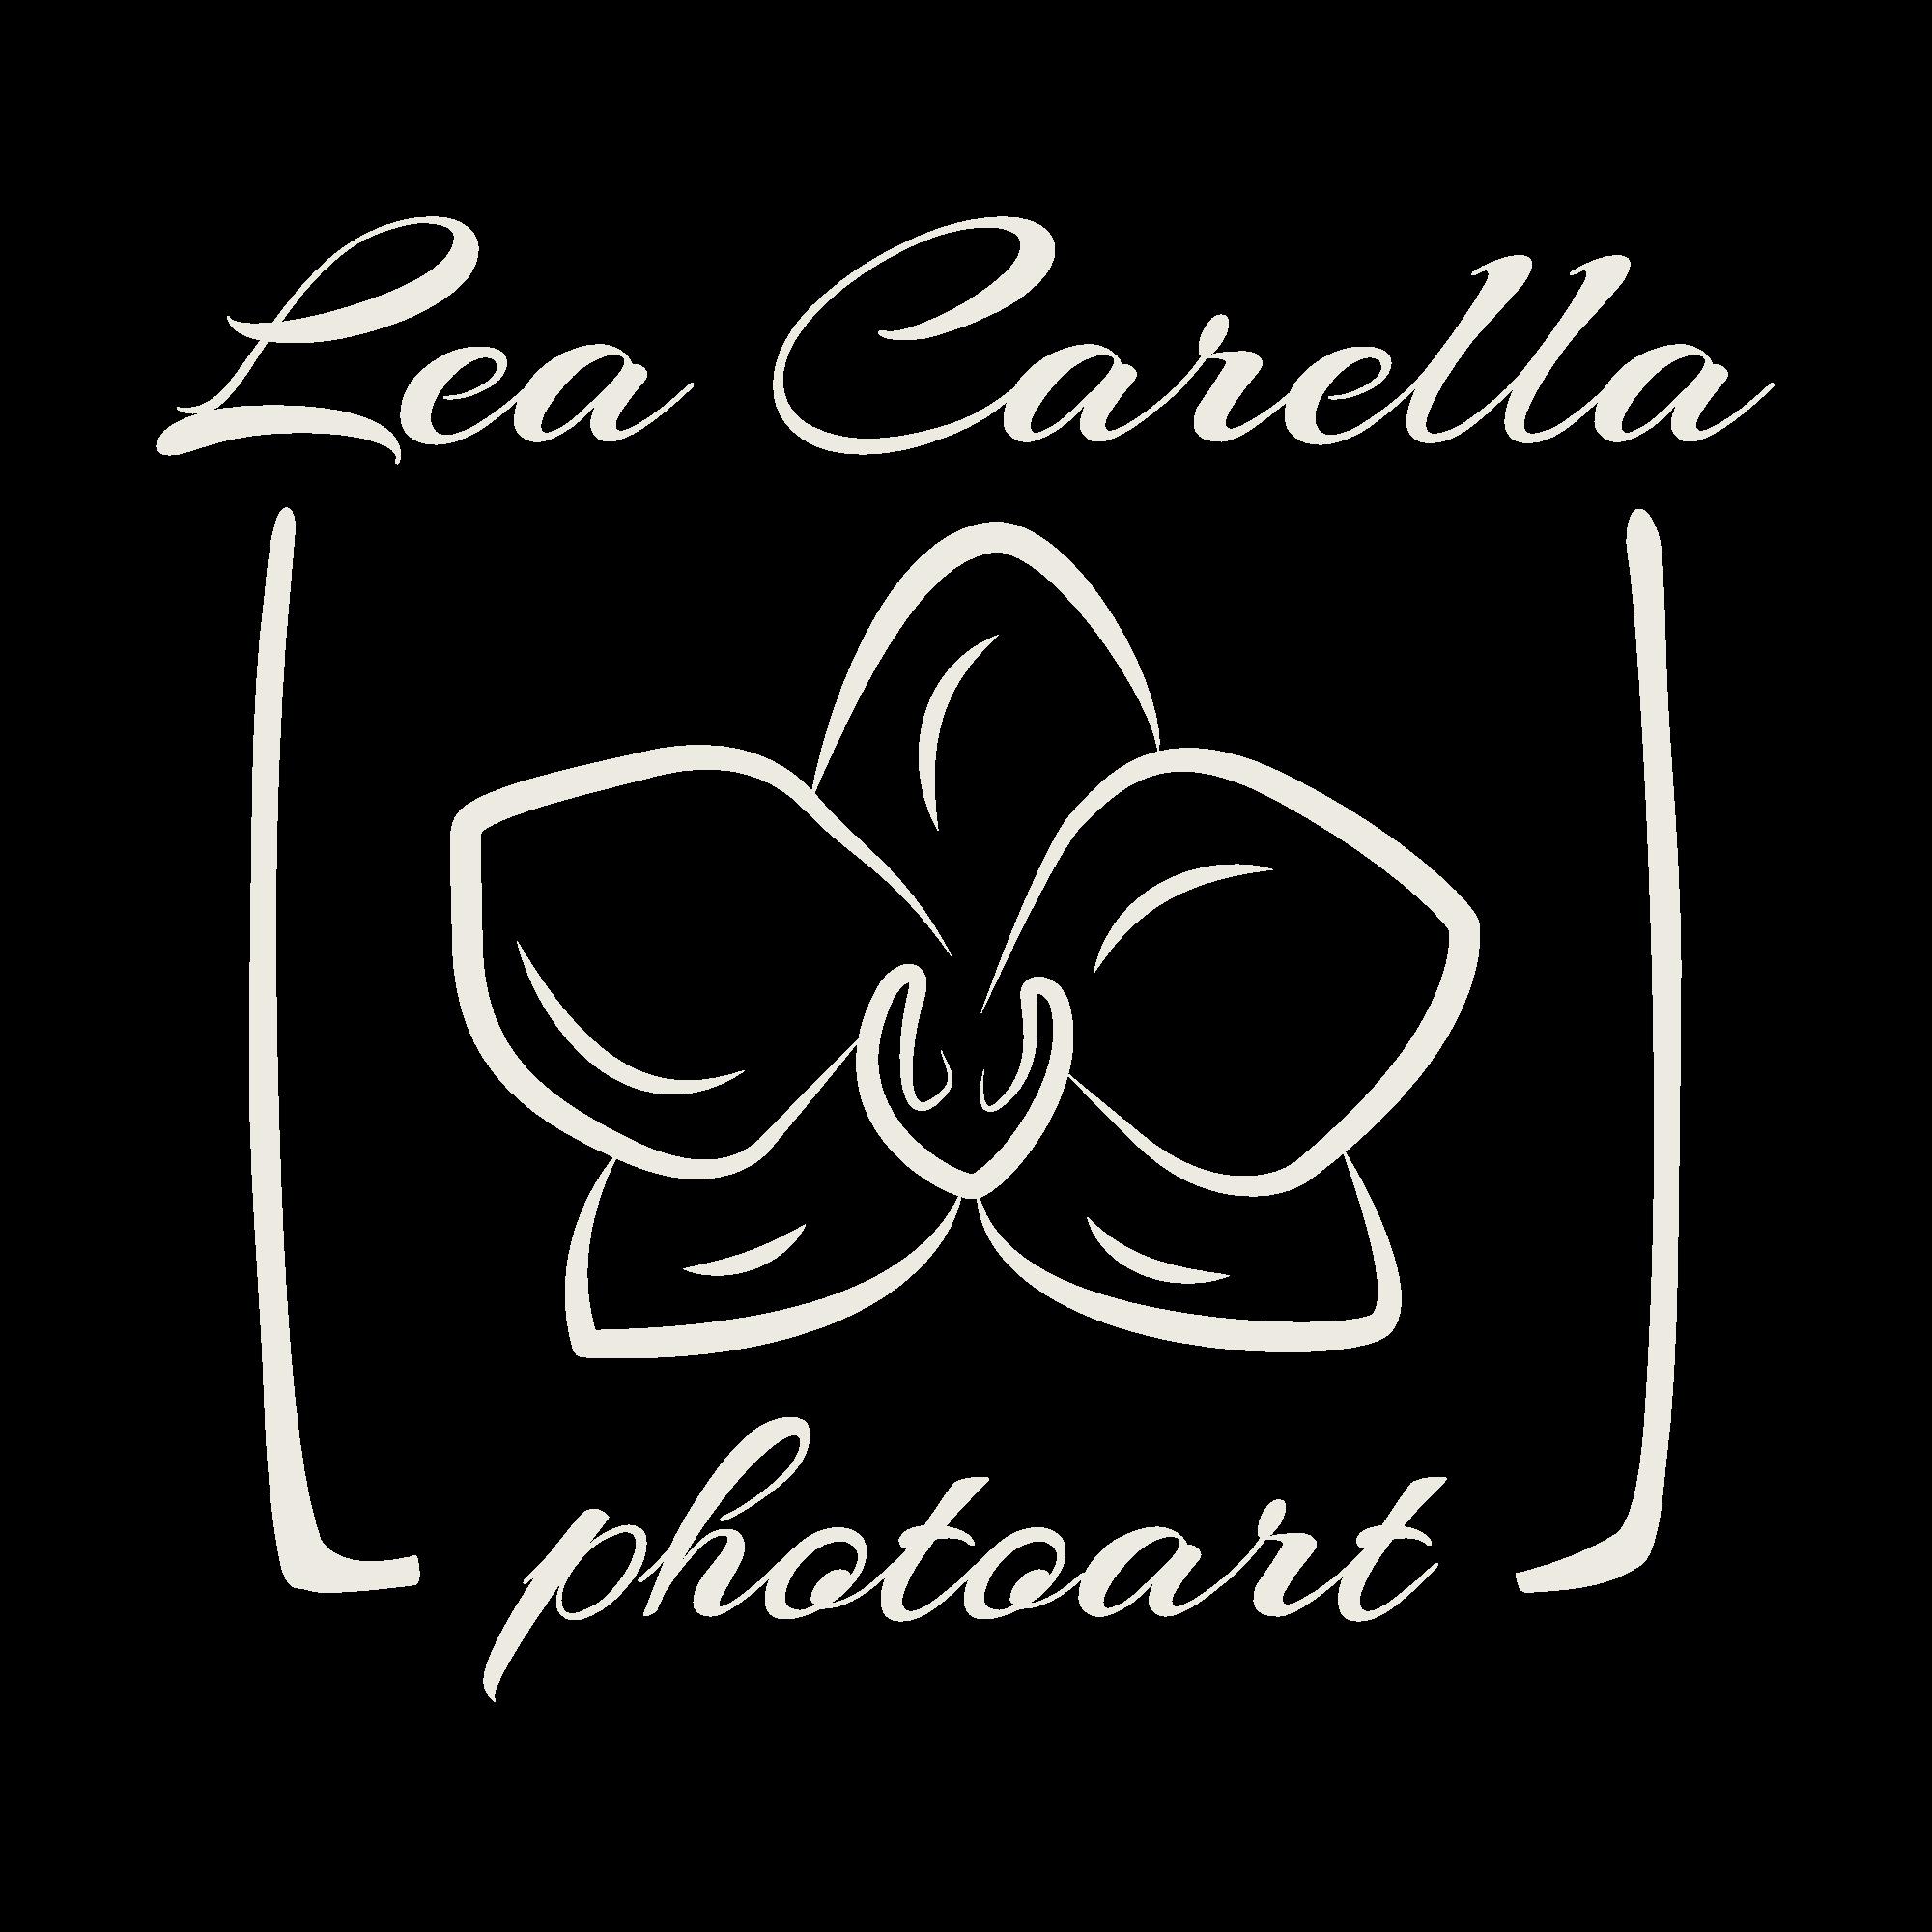 Lea Carella Photoart